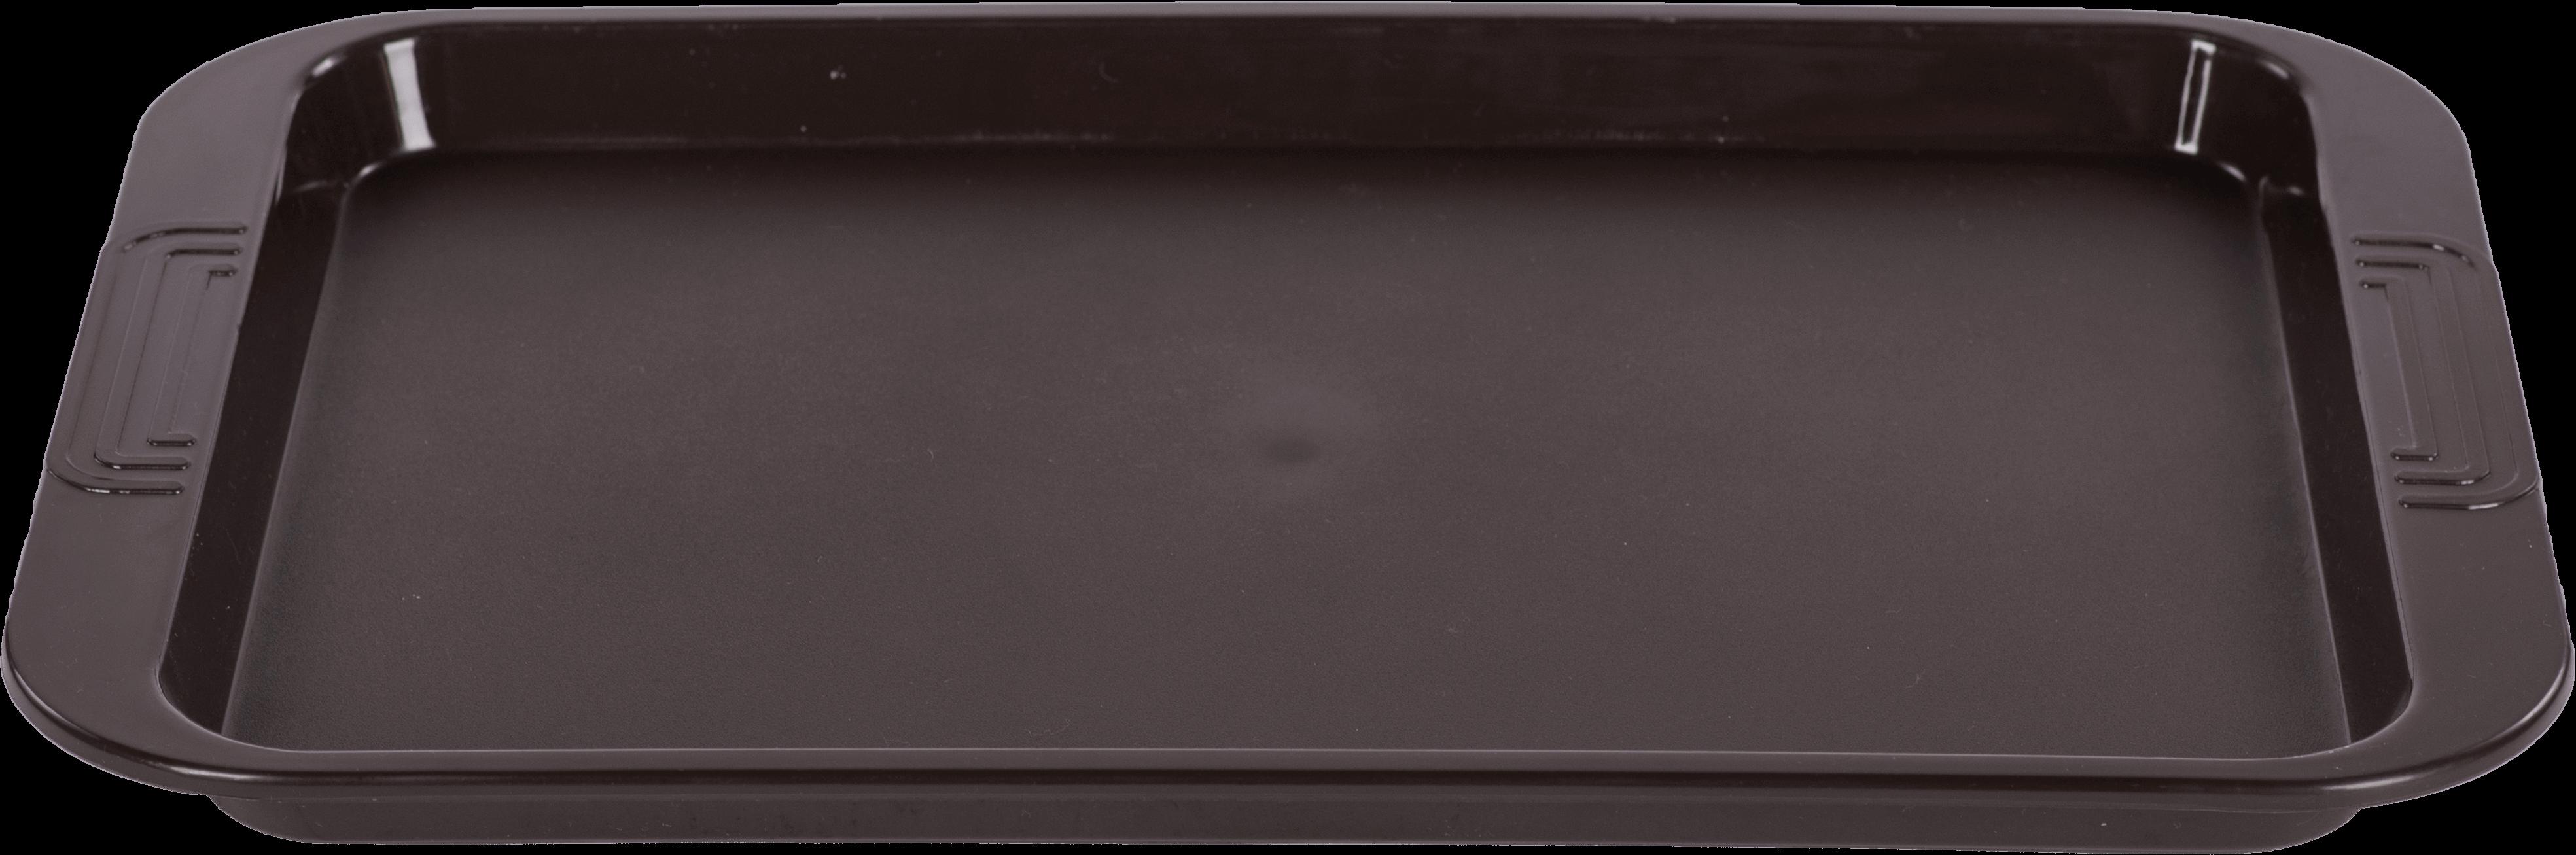 ถาดพลาสติก สแตนดาร์ด RW 483